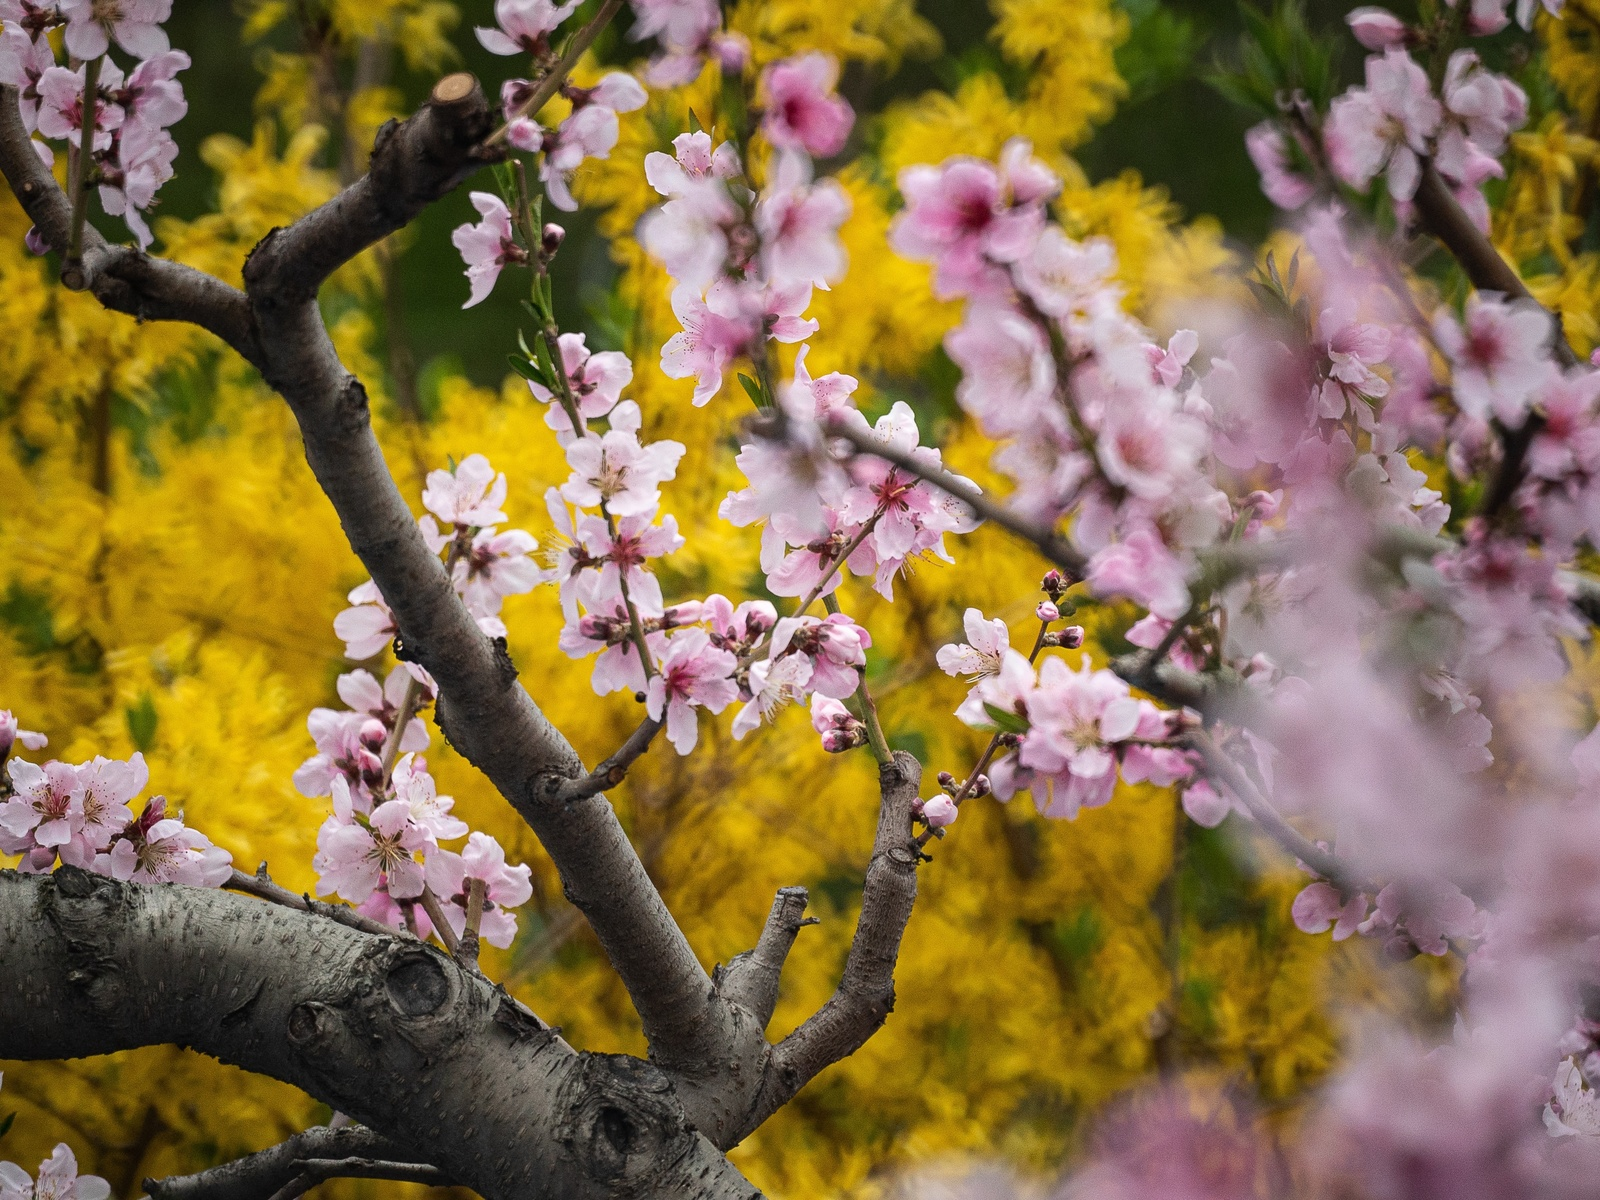 вишни, желтый, весна, дерево, цветы, природа